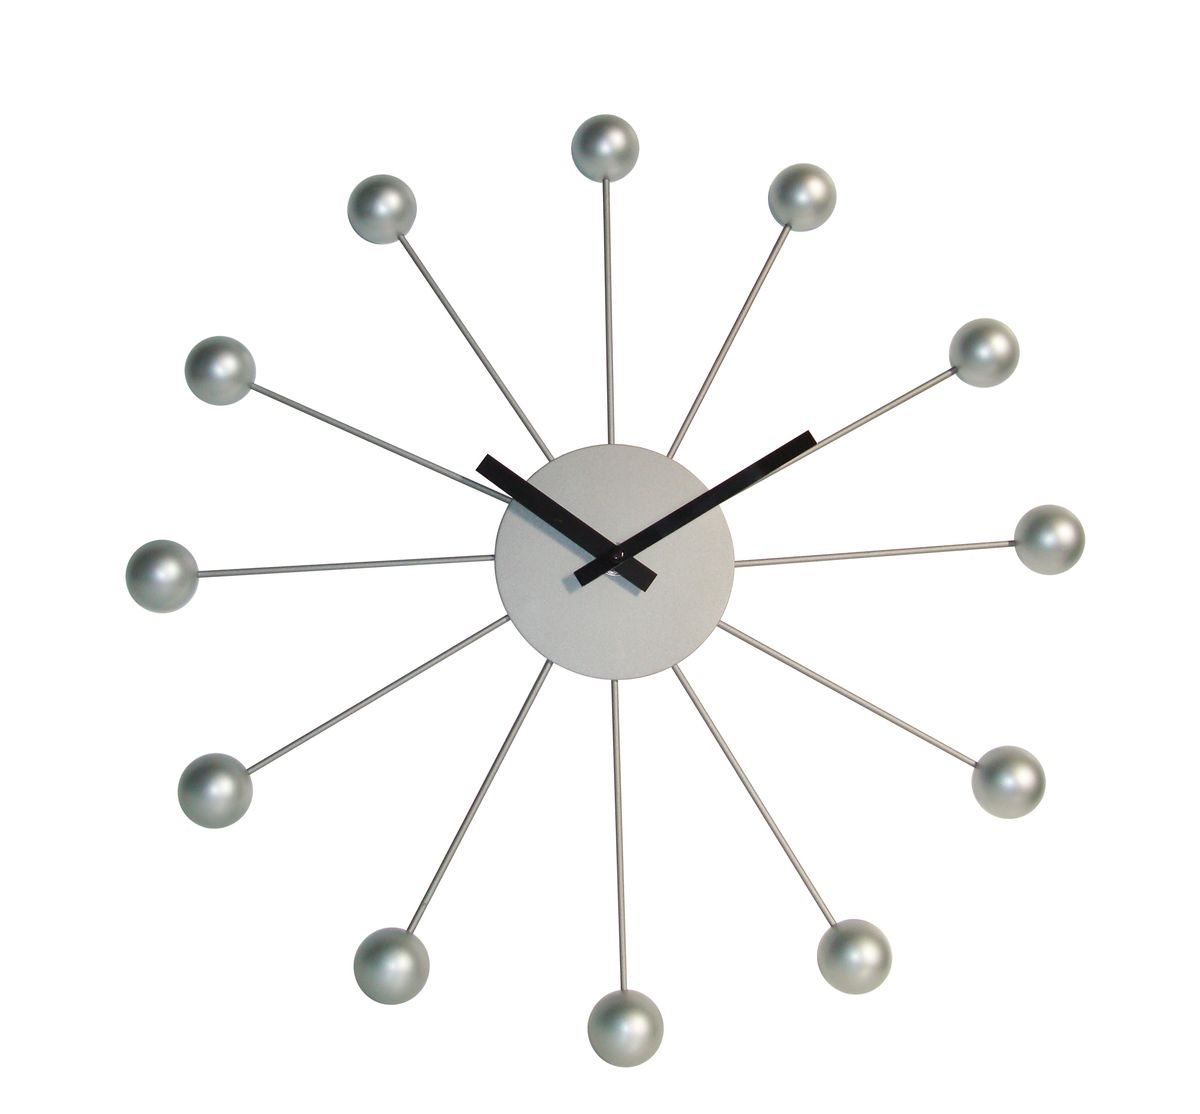 Часы настенные Arte Nuevo, диаметр 40 см часы настенные arte nuevo sweet home 21 5 см